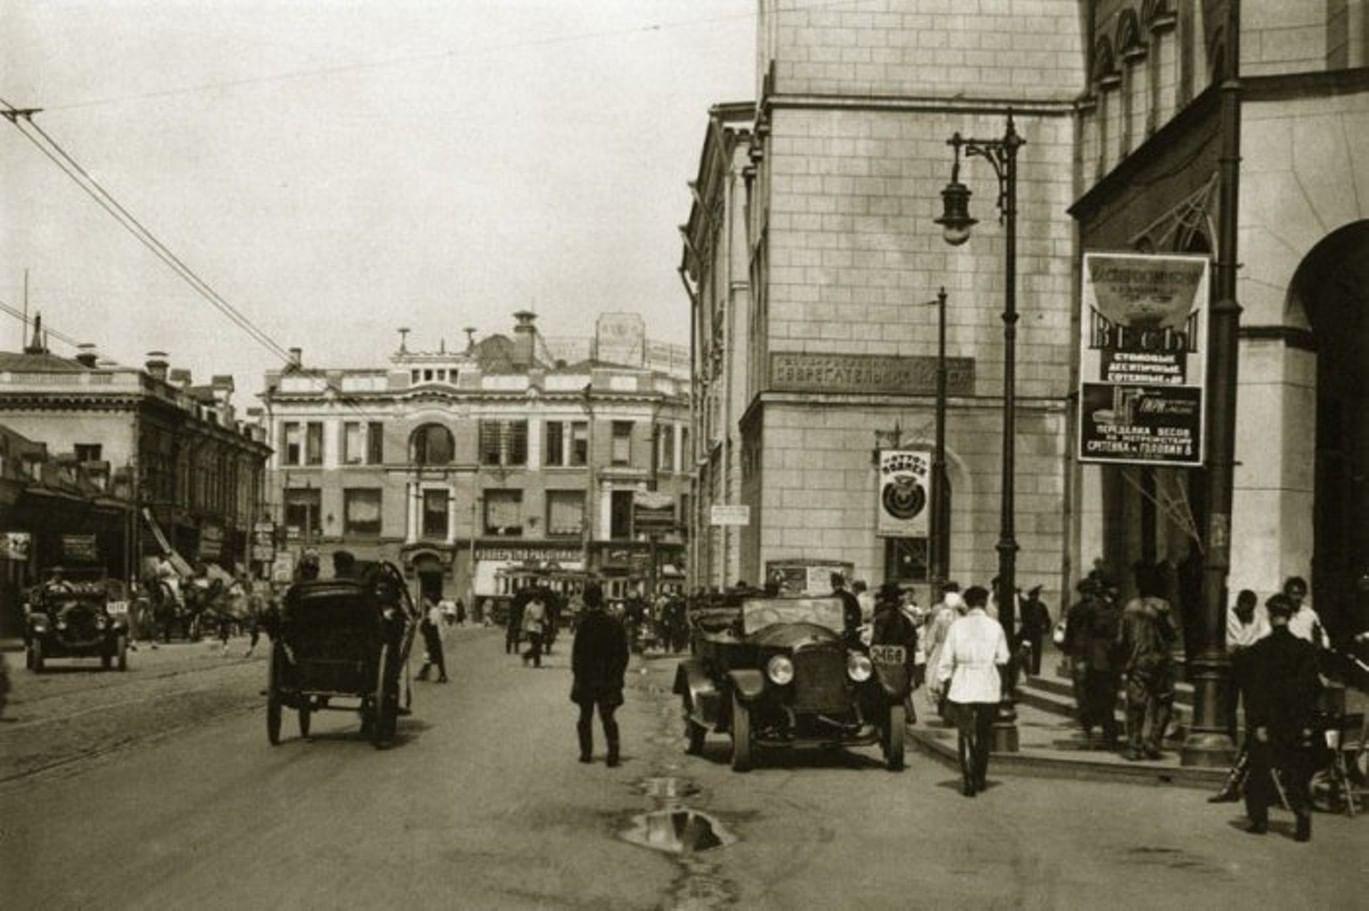 От Питера до Москвы. Две столицы в русской литературе. Галерея 5. Анна Ахматова